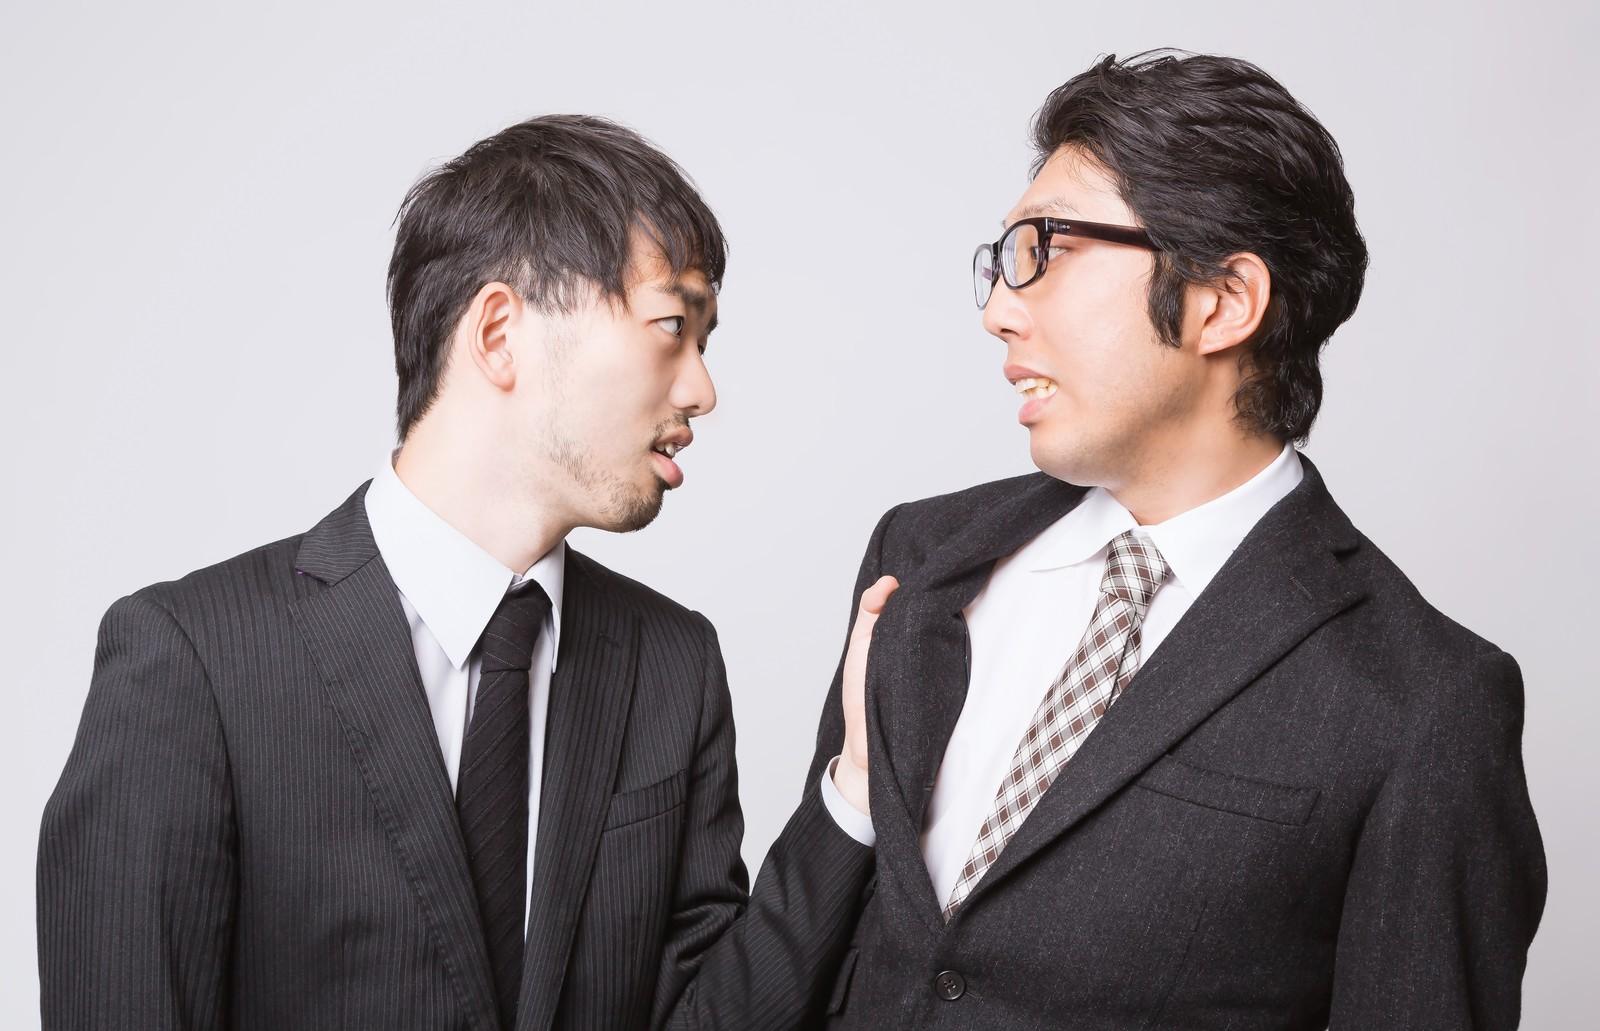 怒鳴る上司への対処法